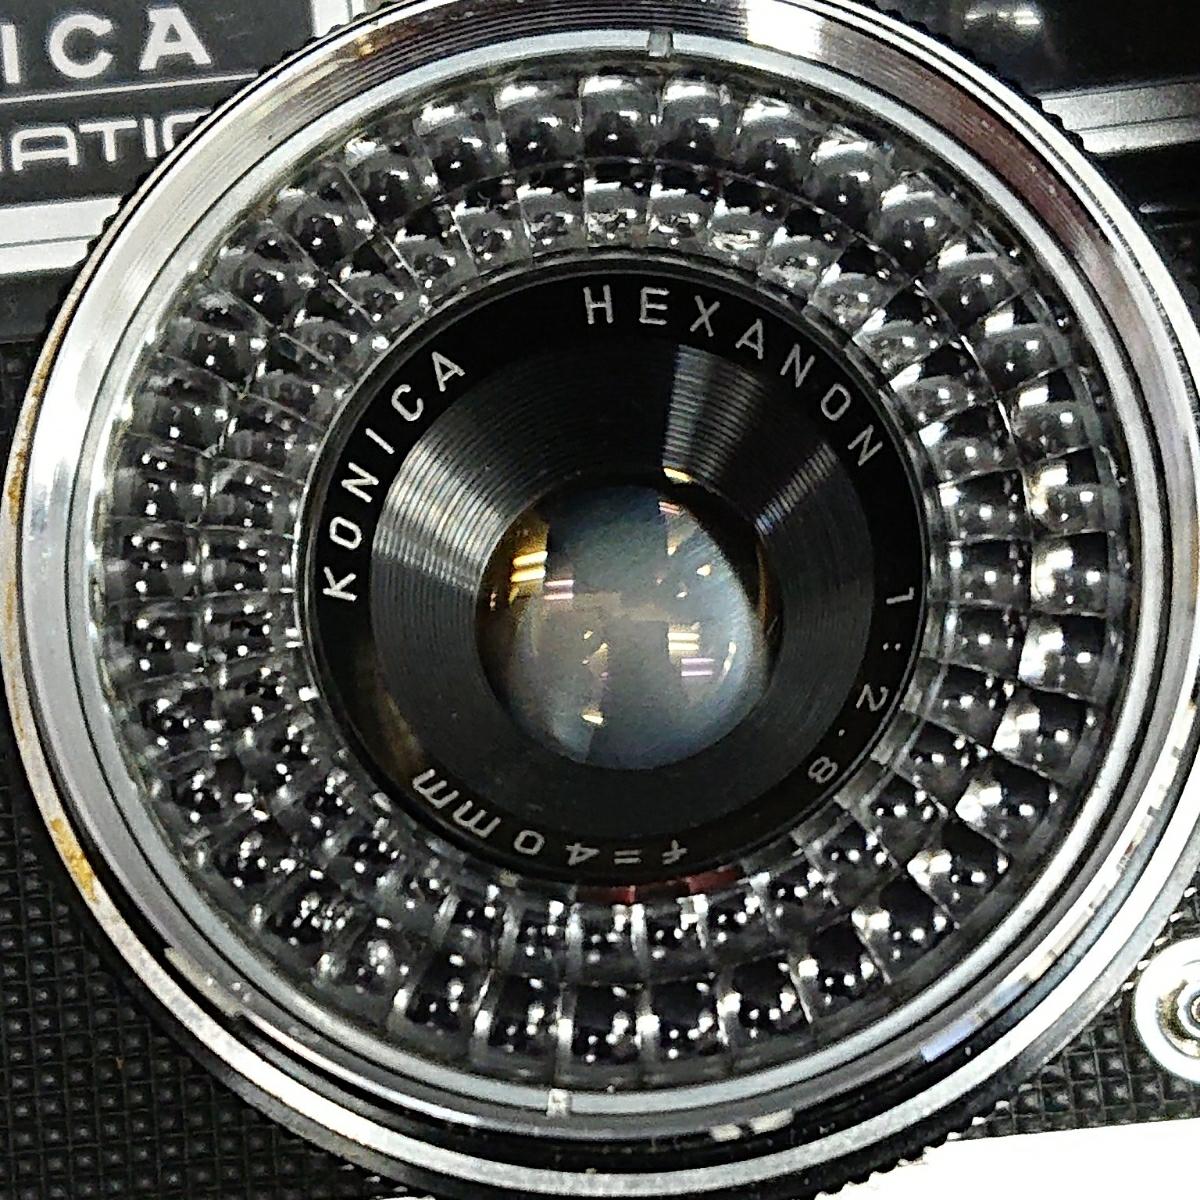 コニカ Konica EE-MATIC Deluxe KONICA HEXANON 1:2.8 f=40mm 専用ケース付き み_画像2